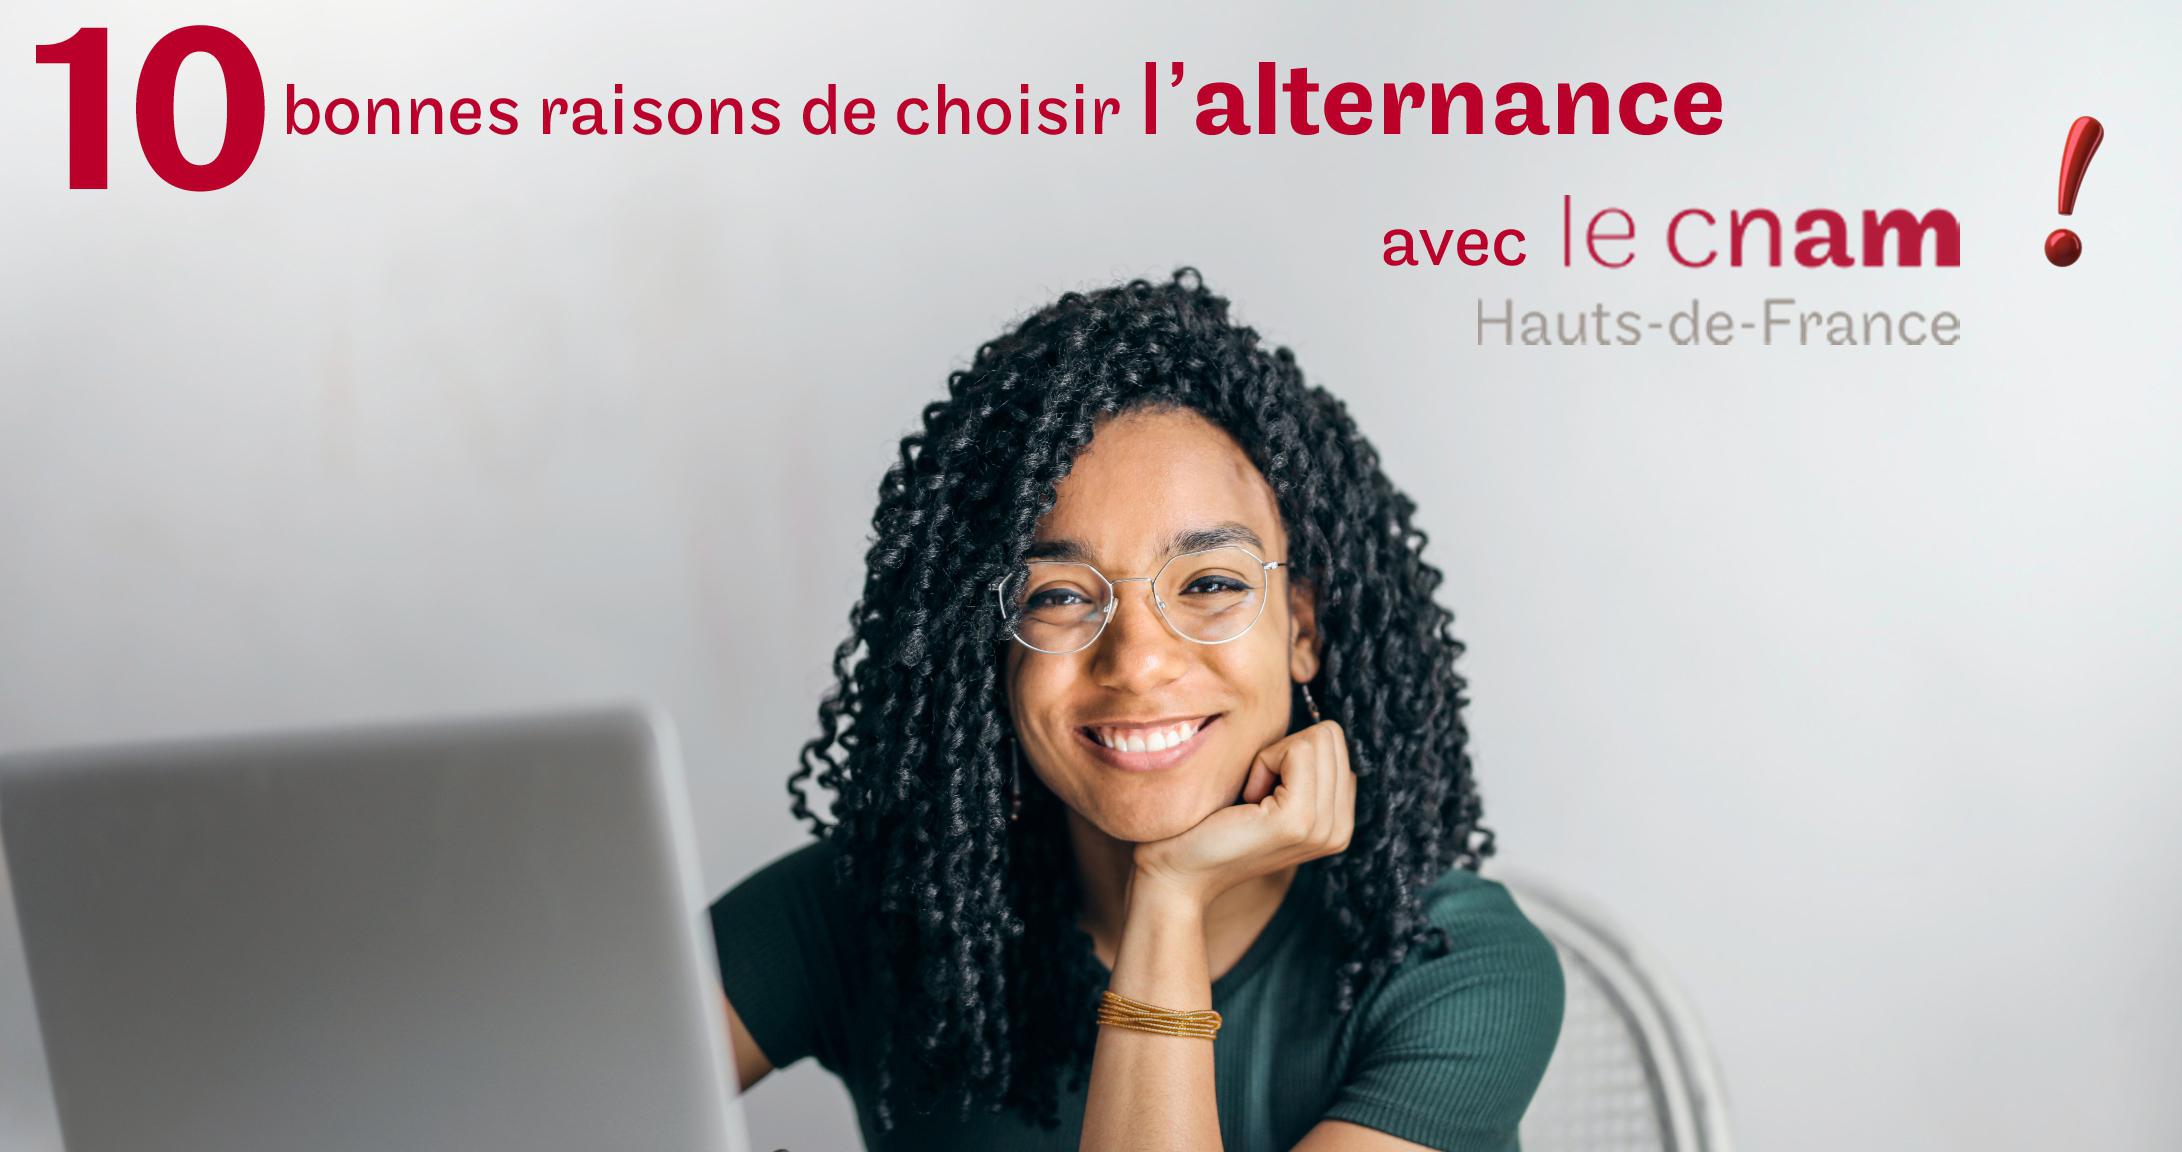 10 bonnes raisons de choisir l'alternance au Cnam Hauts de France